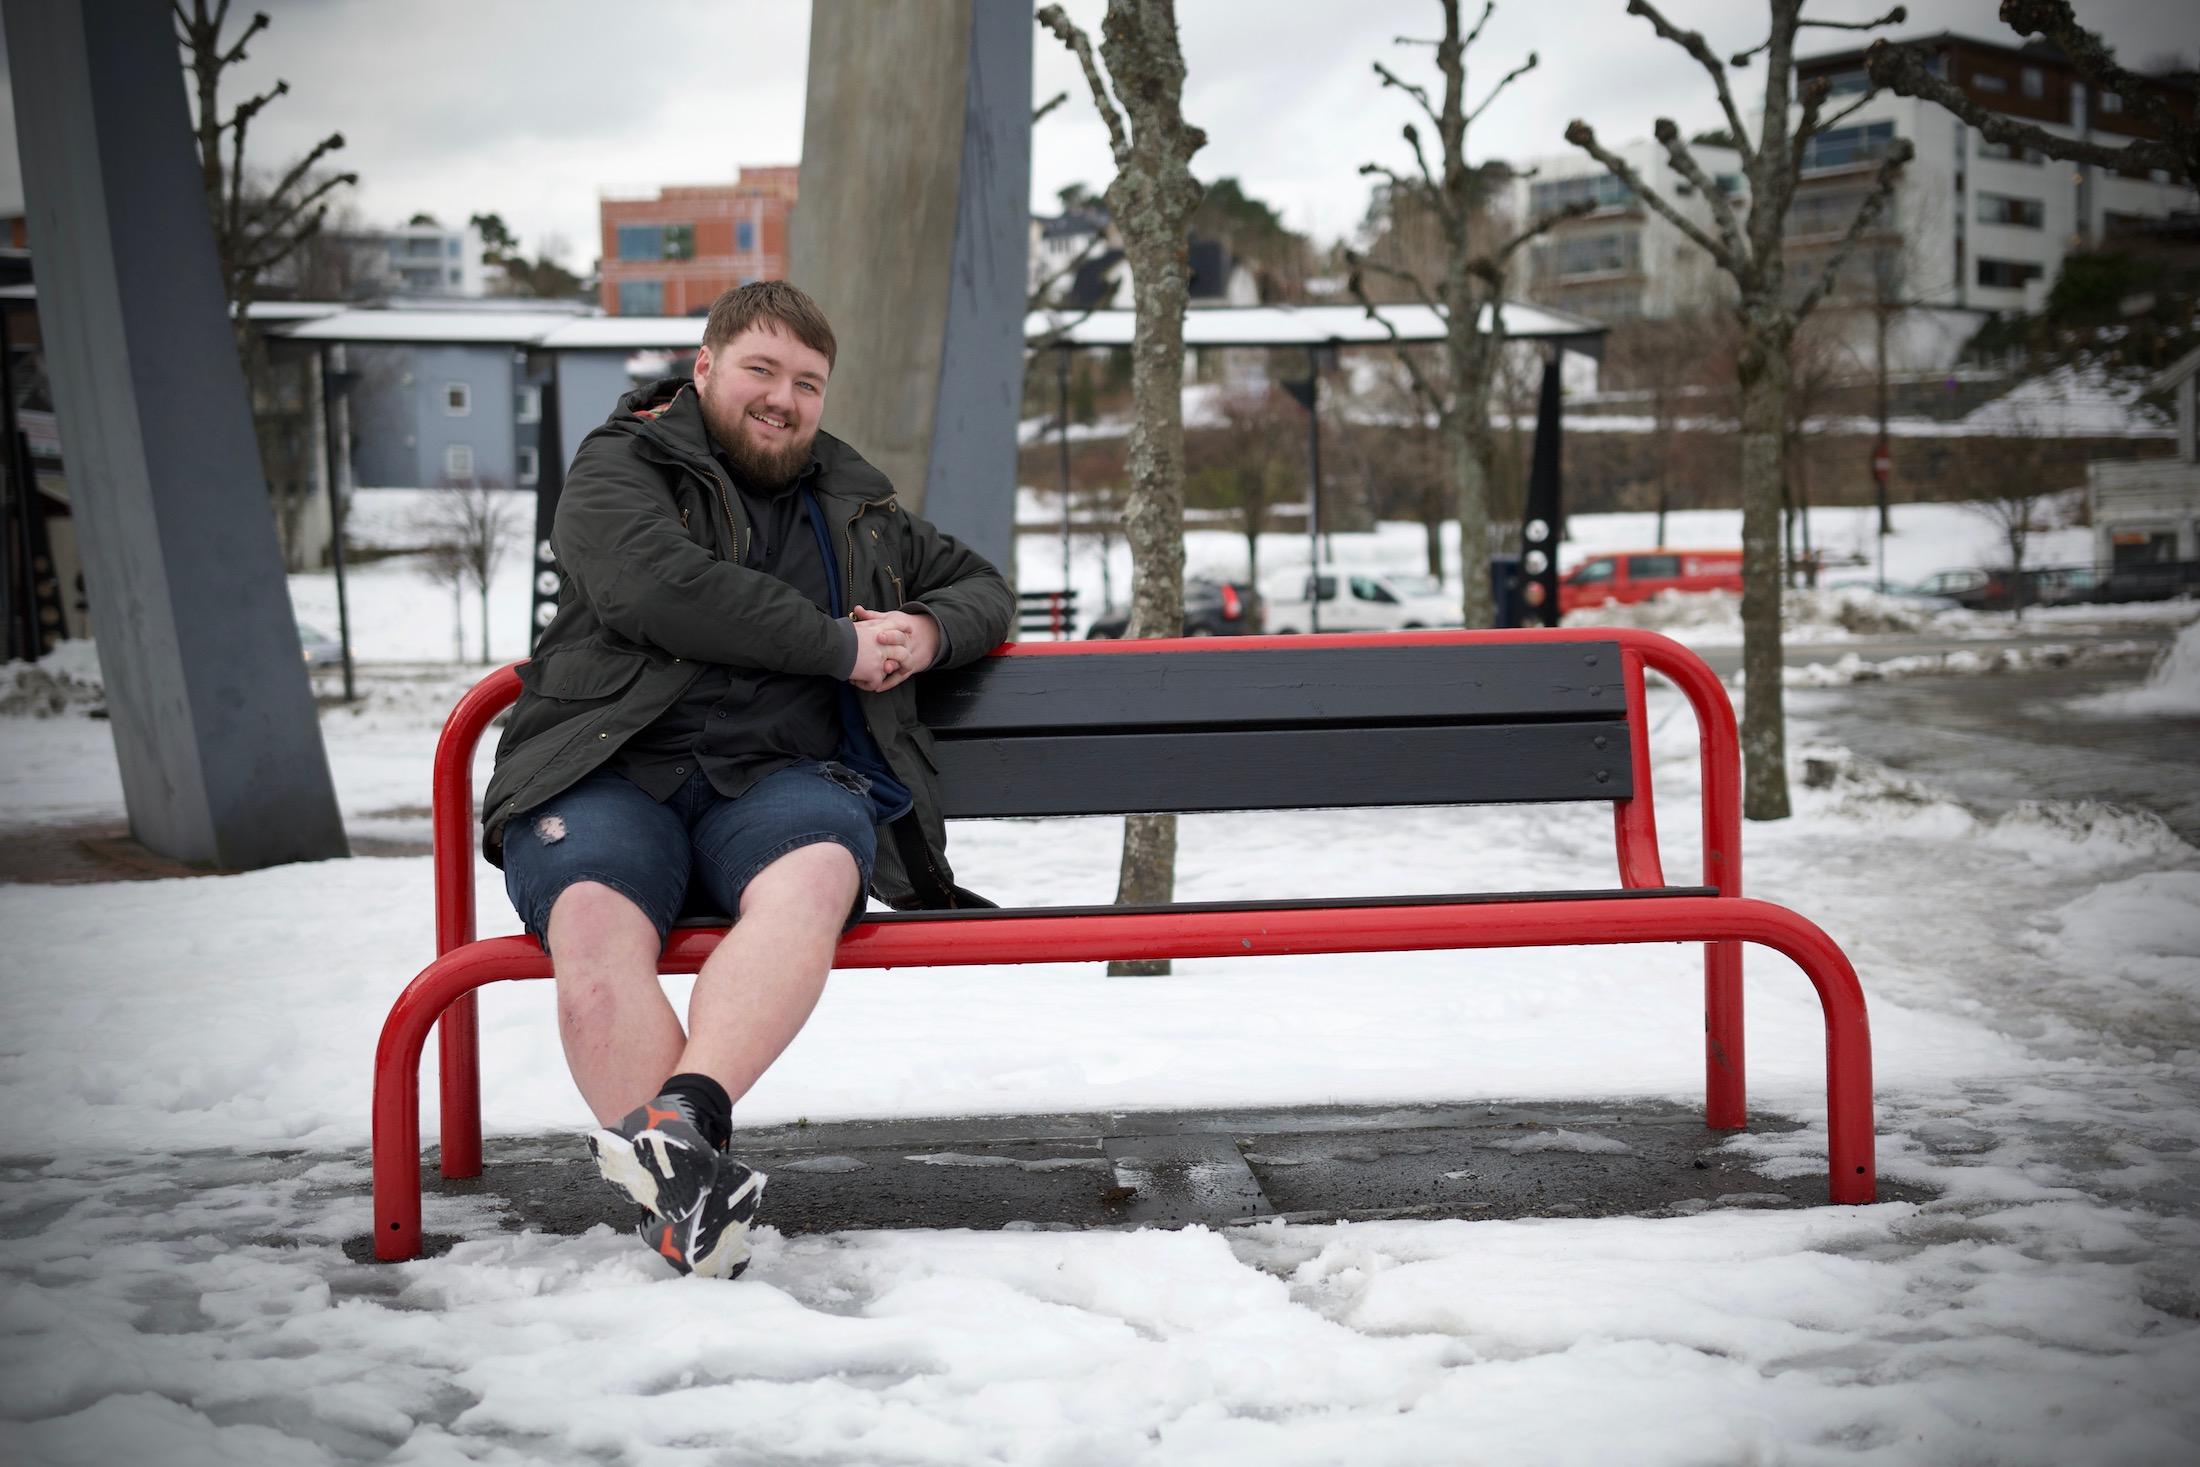 shorts Kristoffer Spissøy